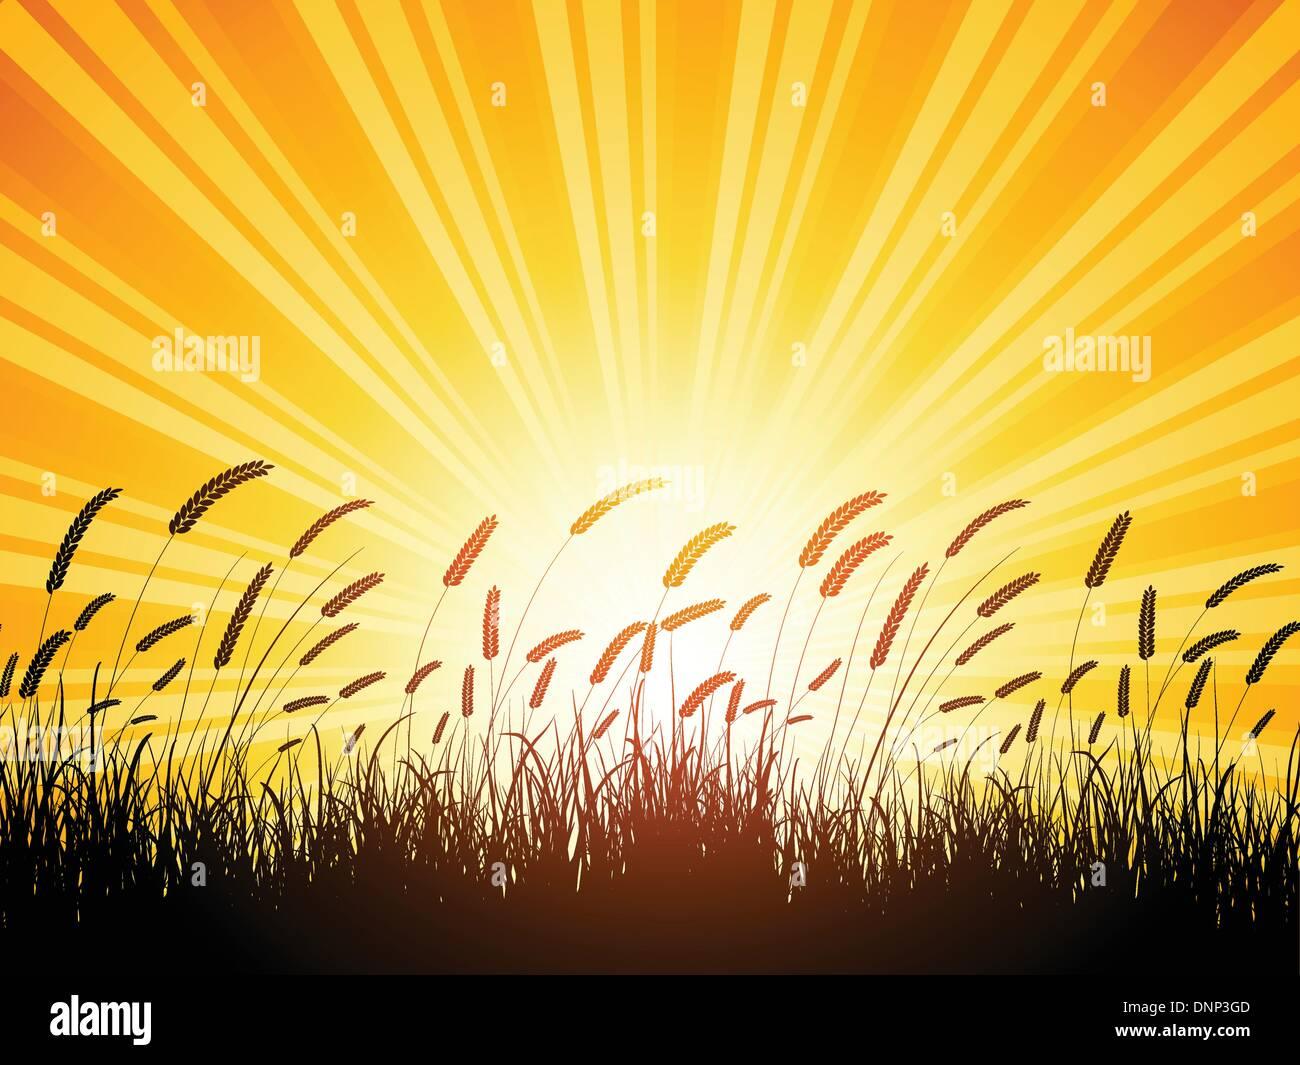 Silhouette der Weizen vor einem Sonnenuntergang Himmel Stockbild